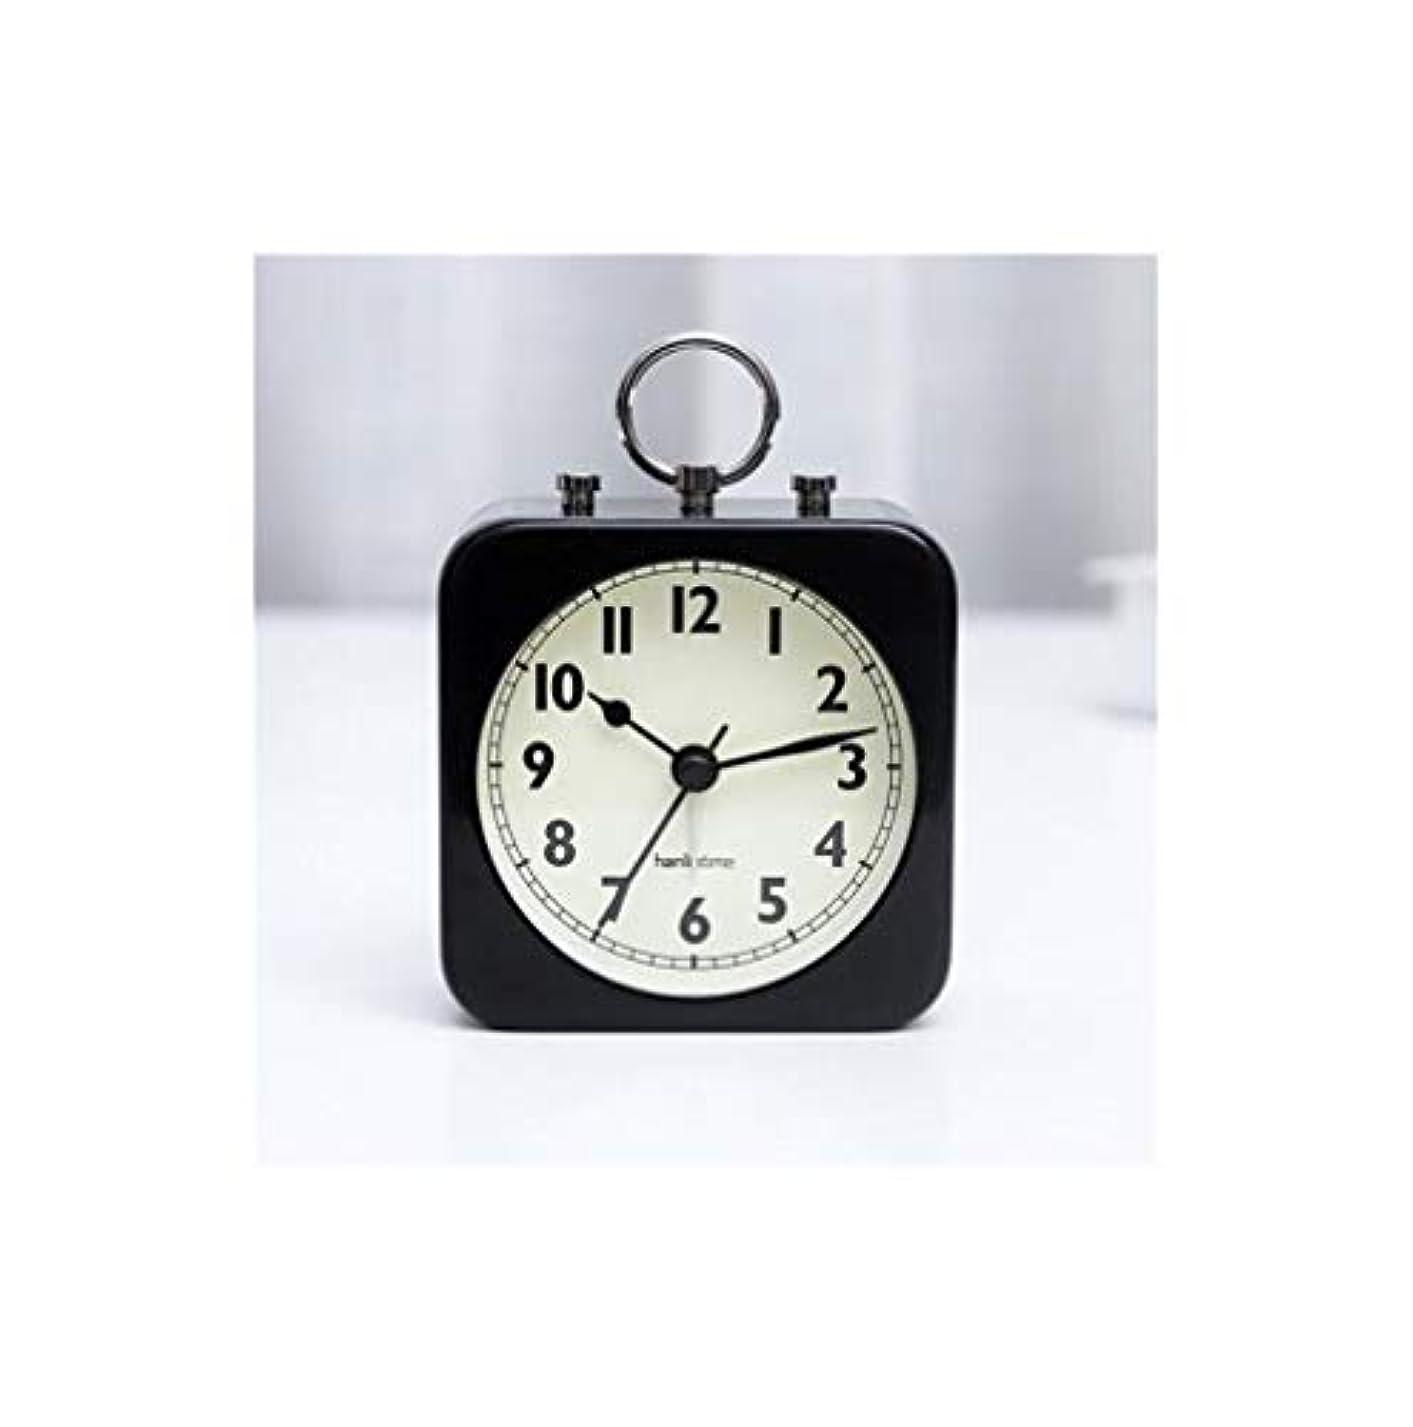 法王逆さまに終了しましたQiyuezhuangshi001 目覚まし時計、ベッドの上のシンプルな金属製目覚まし時計、学生の寝室のパーソナライズされた時計、寝室用目覚ましテーブル、スクエアブラック、静か(夜間照明なし)、 材料の安全性 (Color : Black)